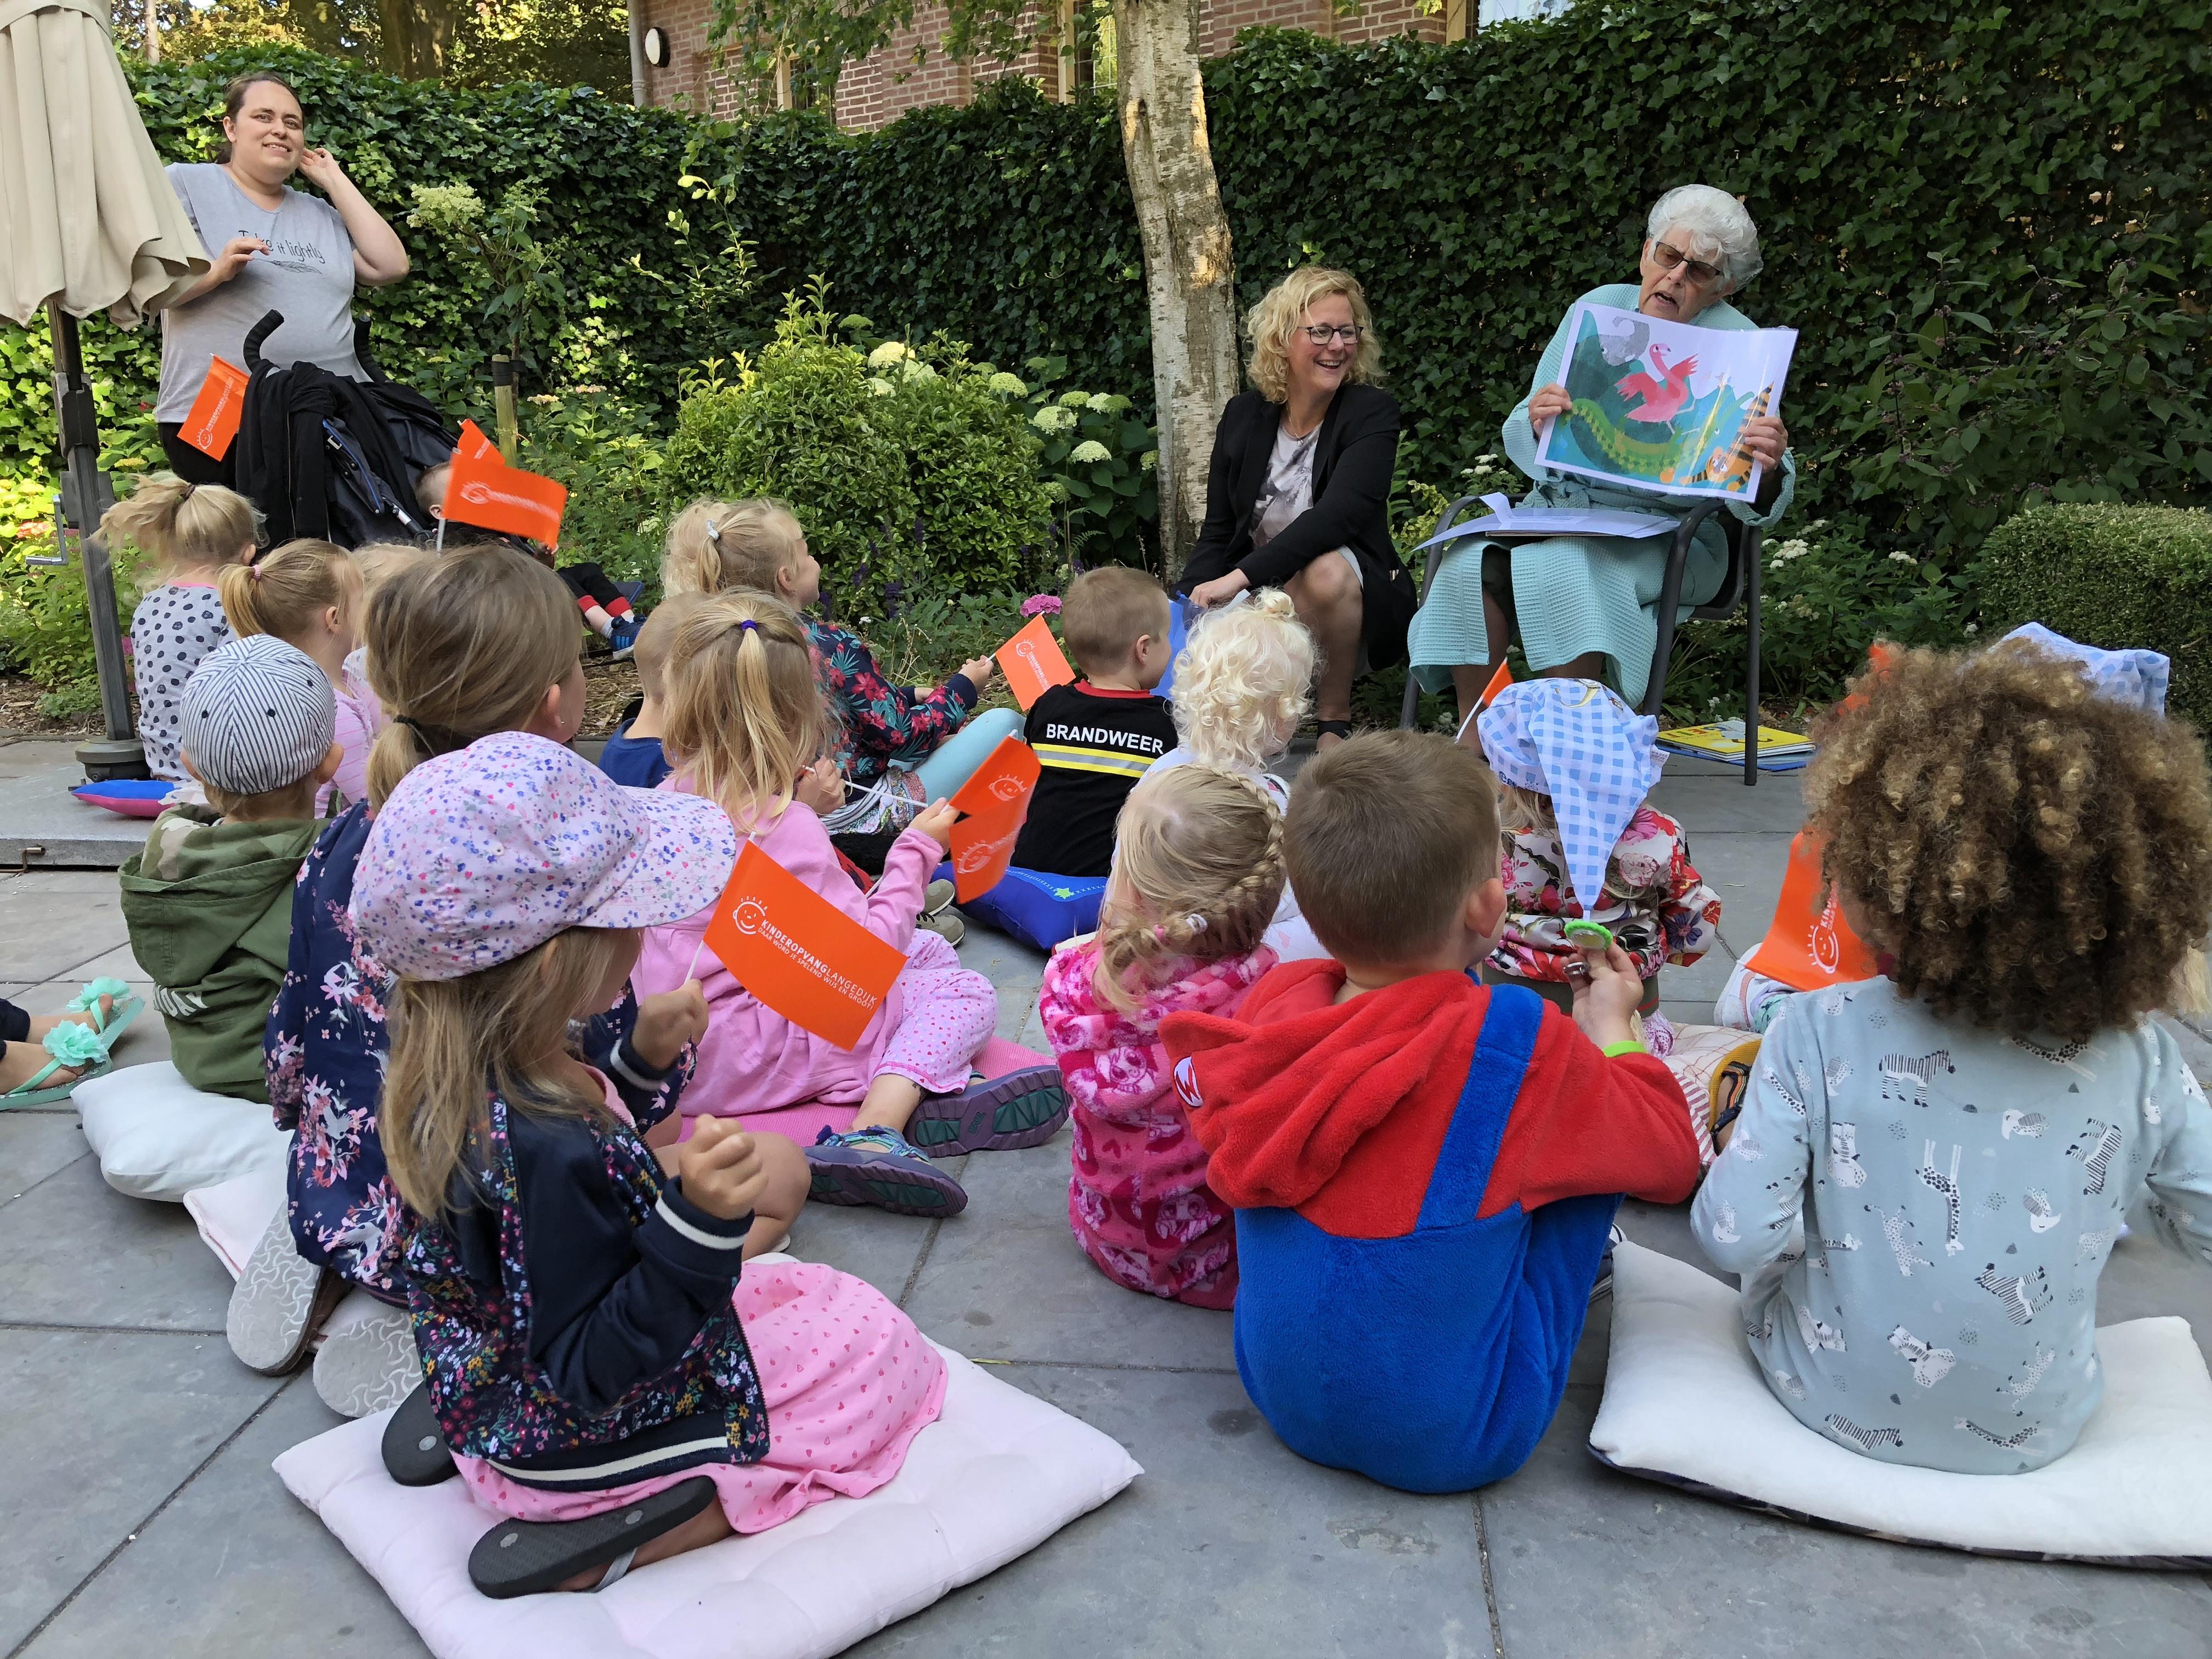 De kinderen luisteren aandachtig tijdens voorleesoptocht. (Foto: aangeleverd)